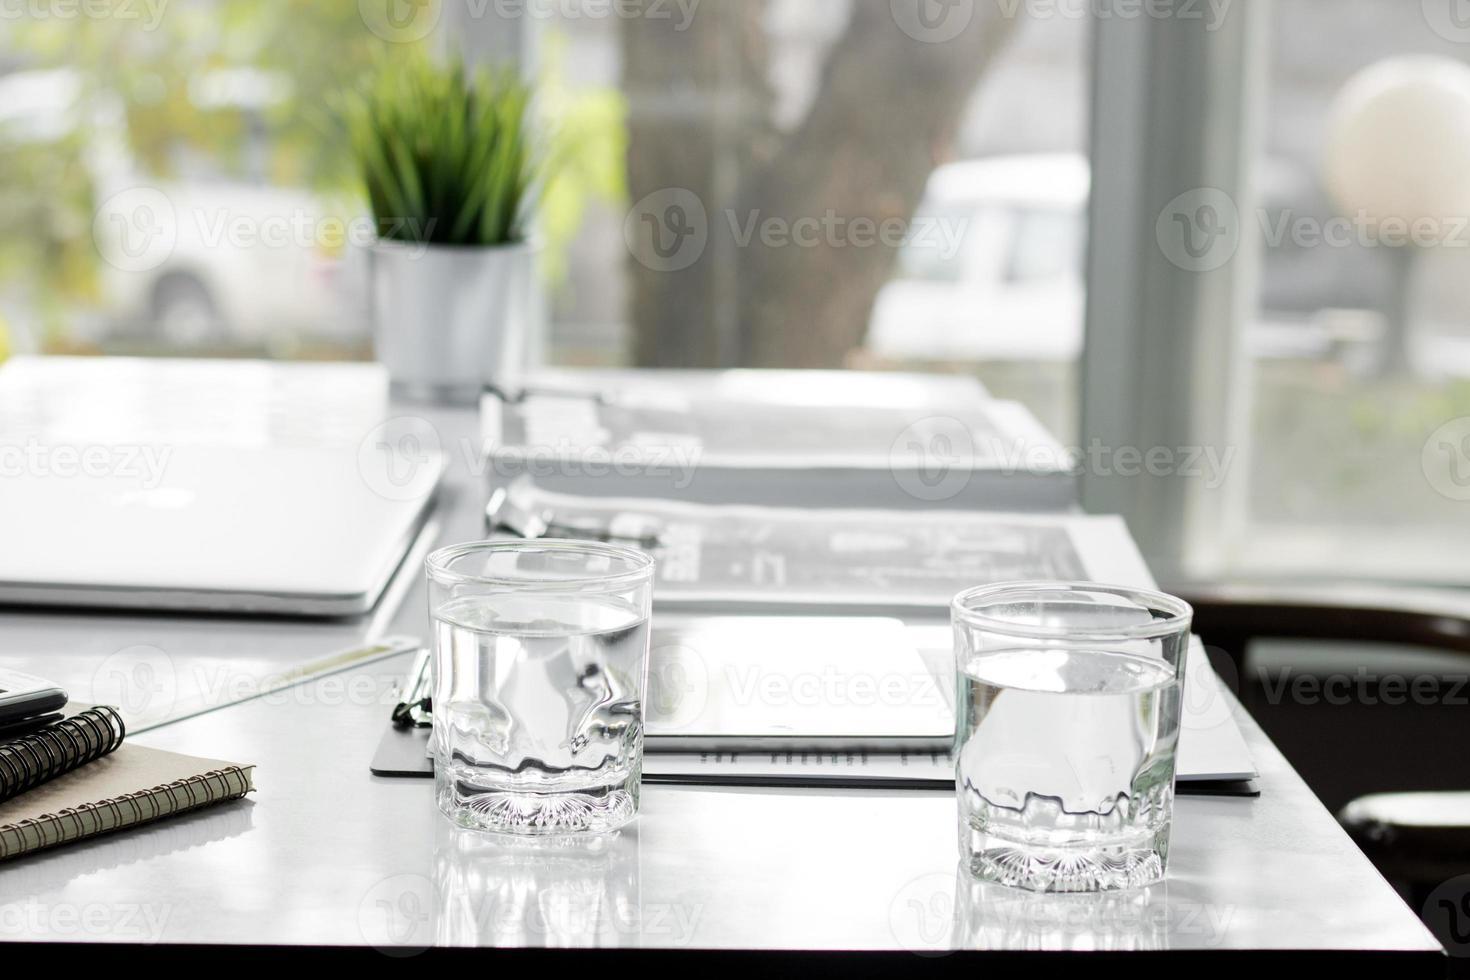 oficina y mesa de trabajo con dos vasos de agua foto